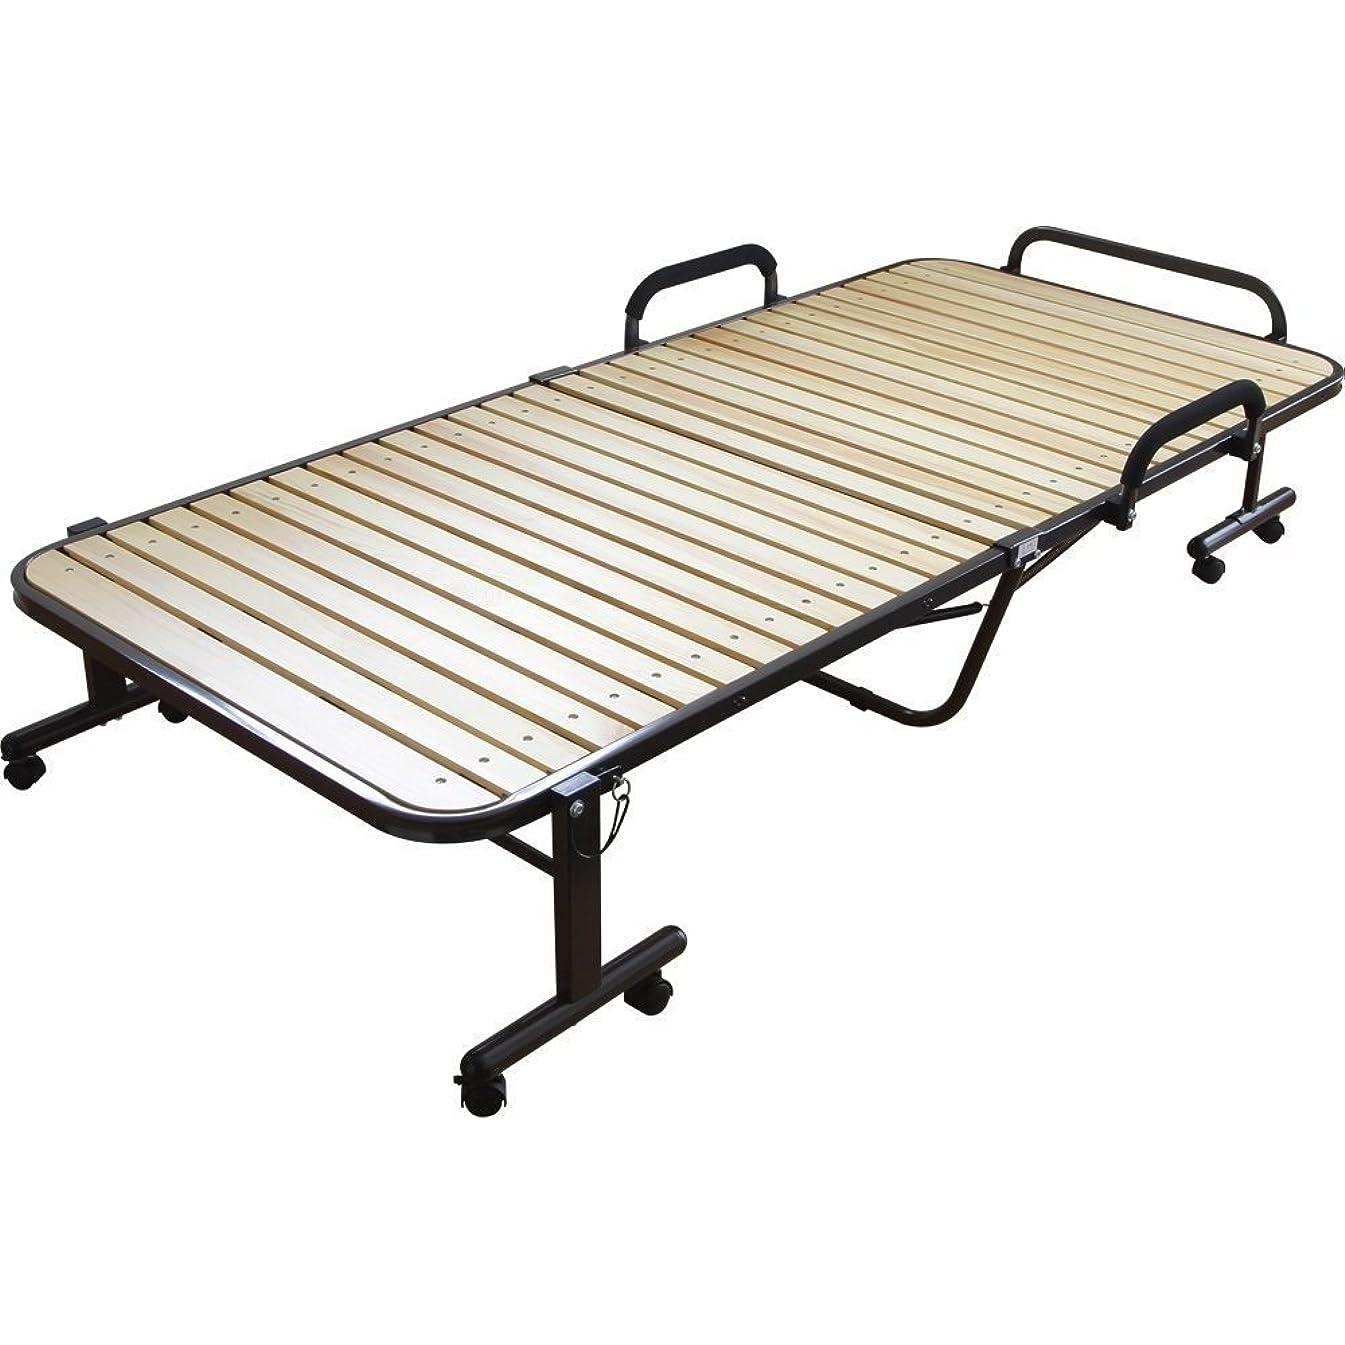 ミネラル仮定する銃アイリスオーヤマ ベッド 折りたたみベッド すのこベッド シングル 収納  ナチュラル OTB-WH